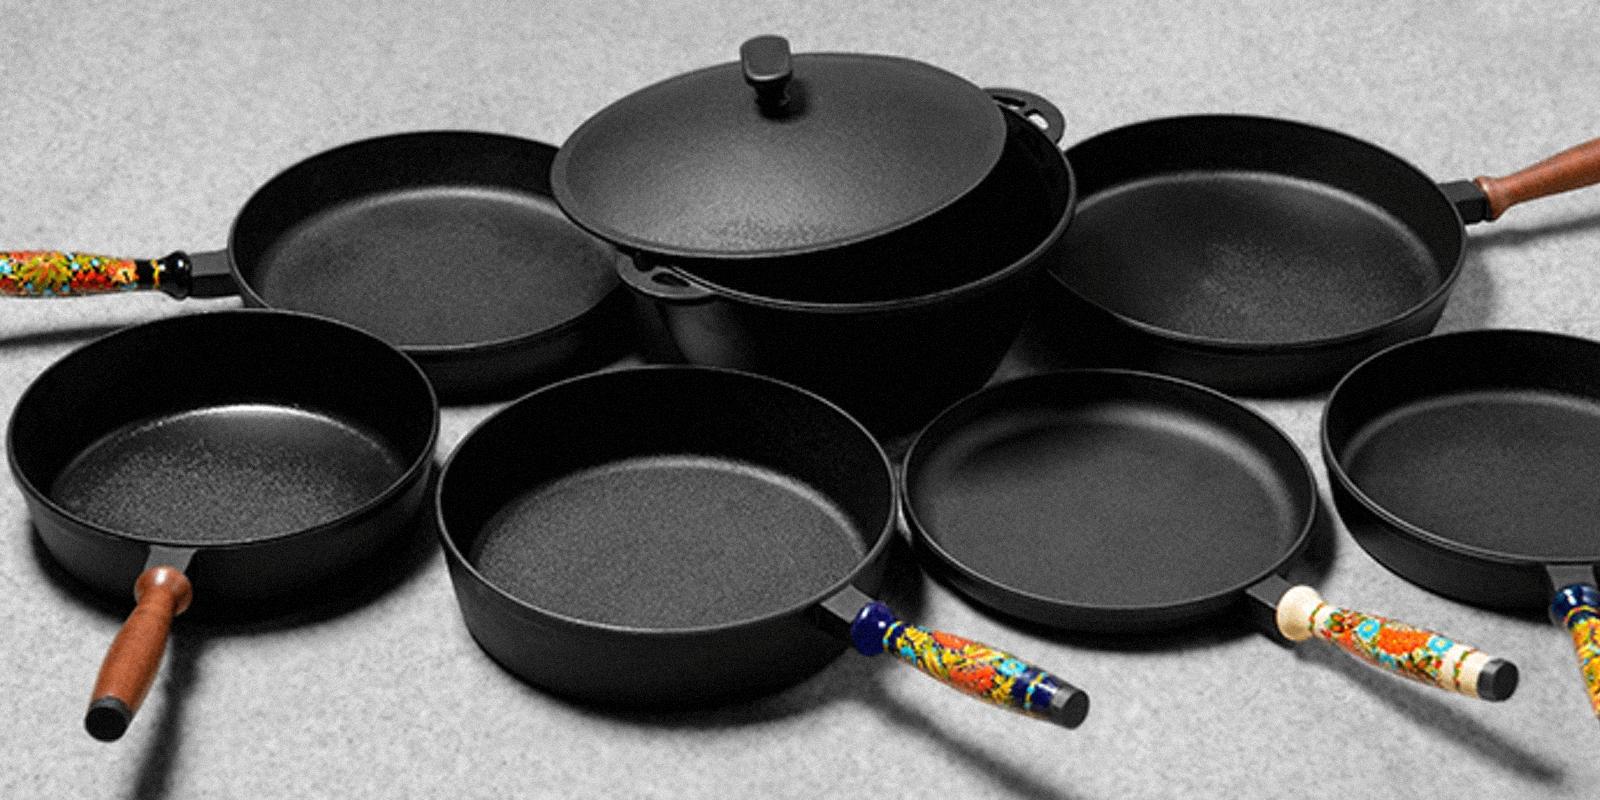 Чугунная посуда для приготовления пищи